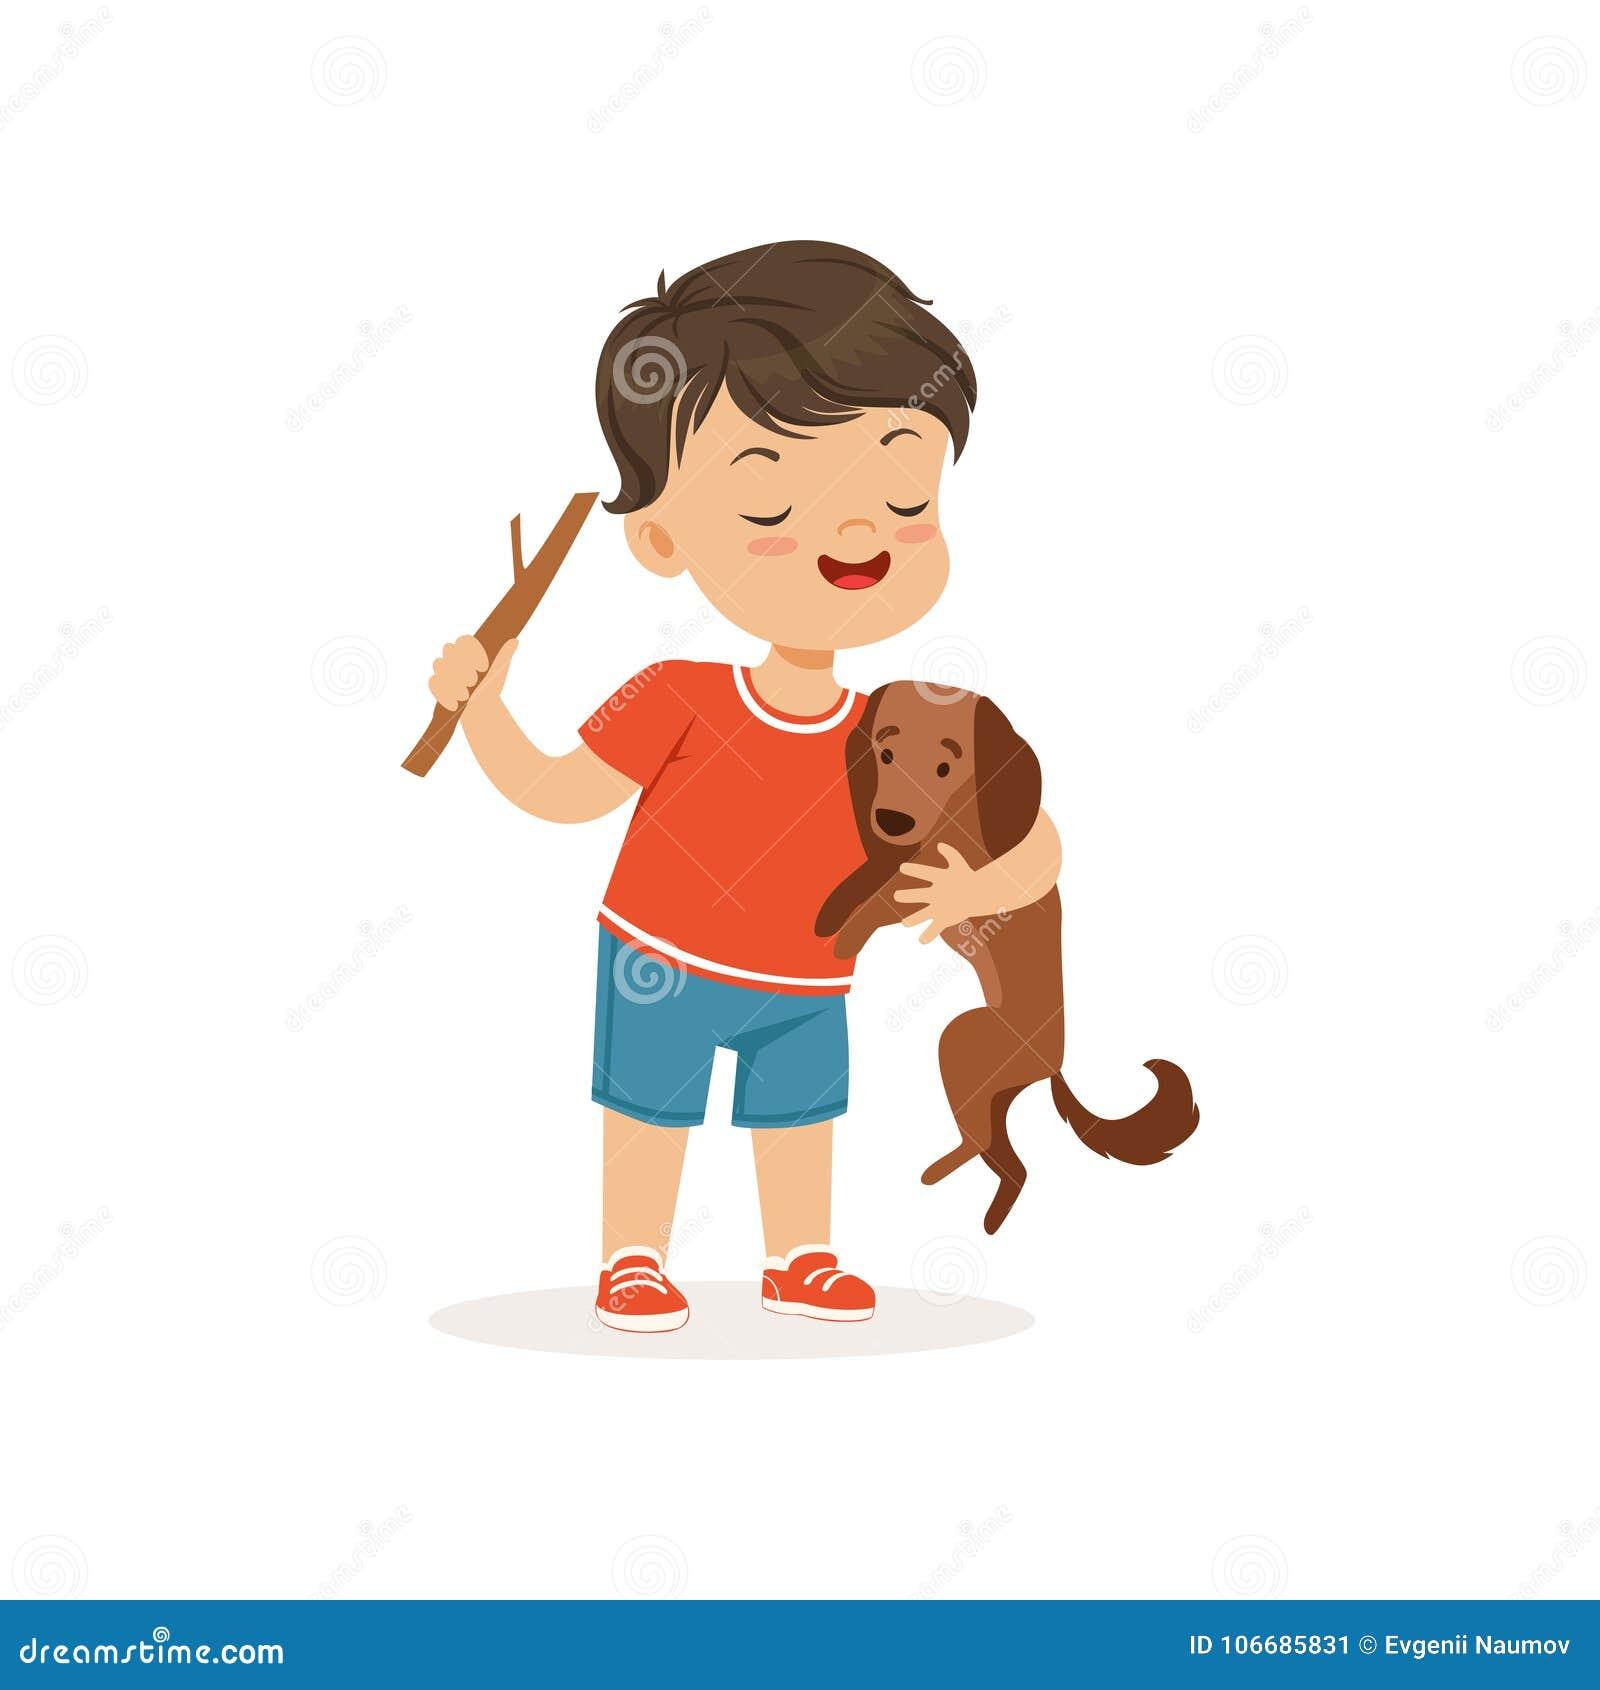 戏弄小犬座,流氓快乐的小孩,坏儿童行为传染媒介例证的逗人喜爱的恶霸男孩